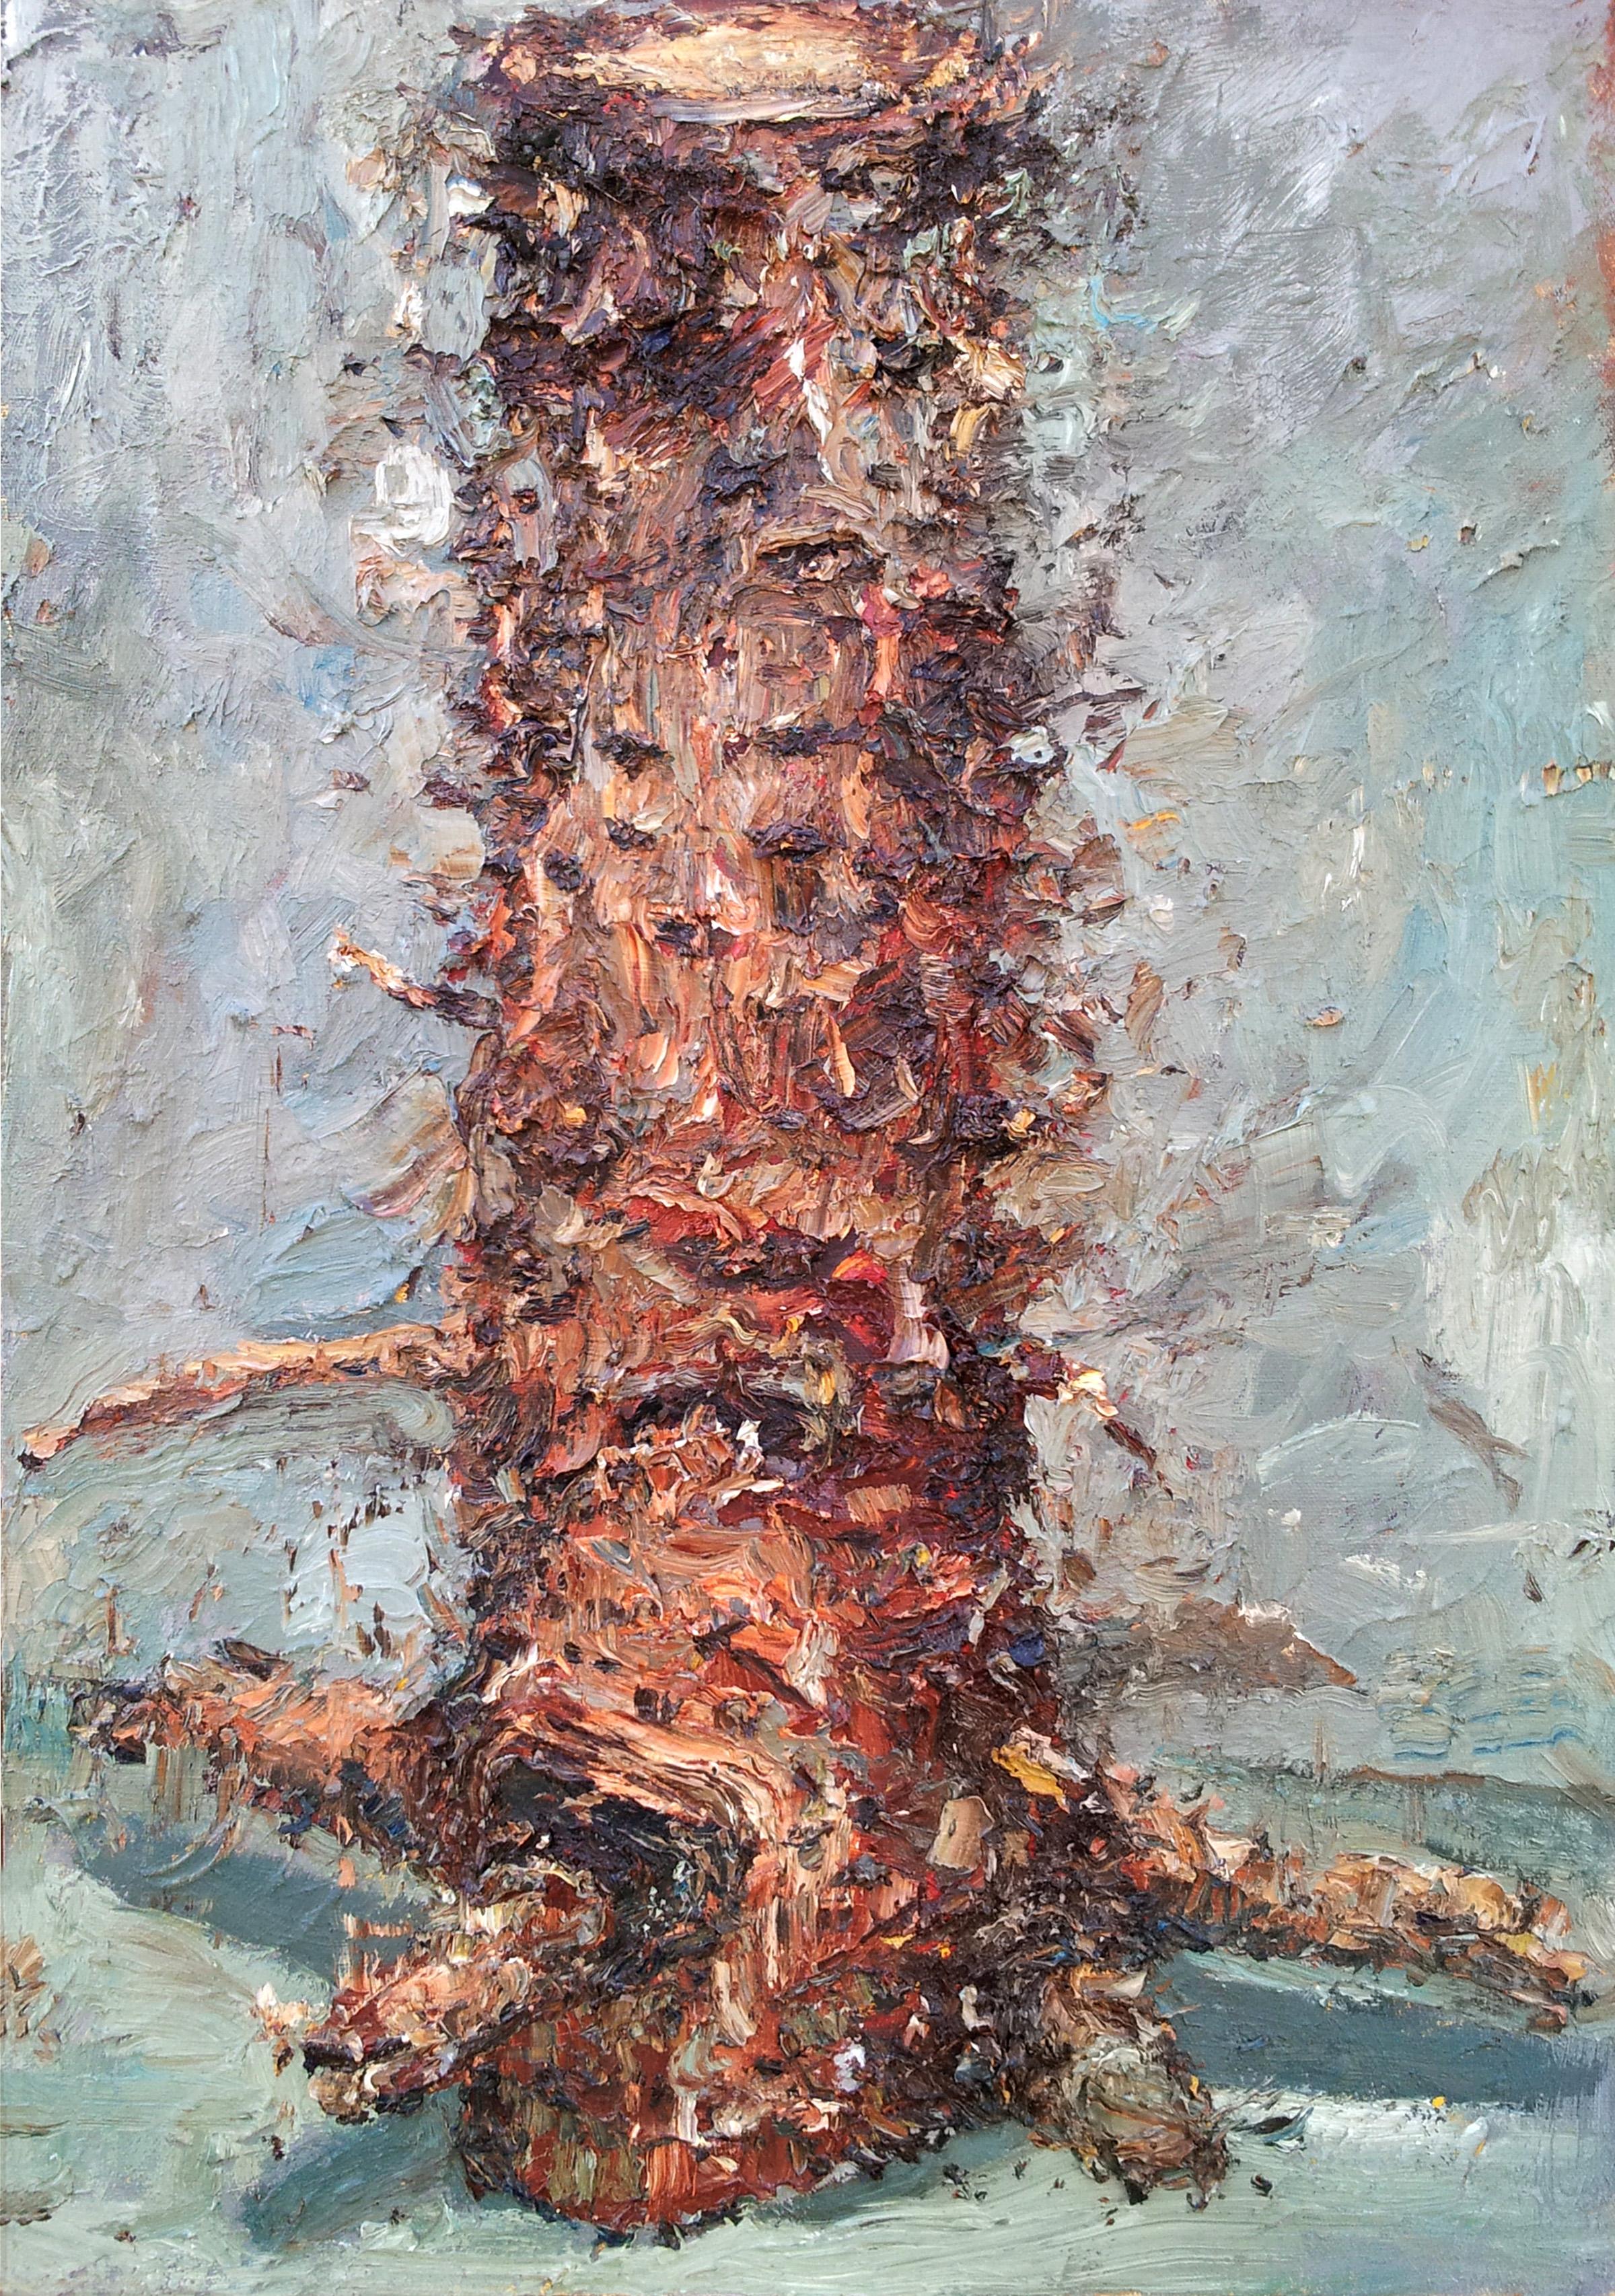 Pine Log (JK)